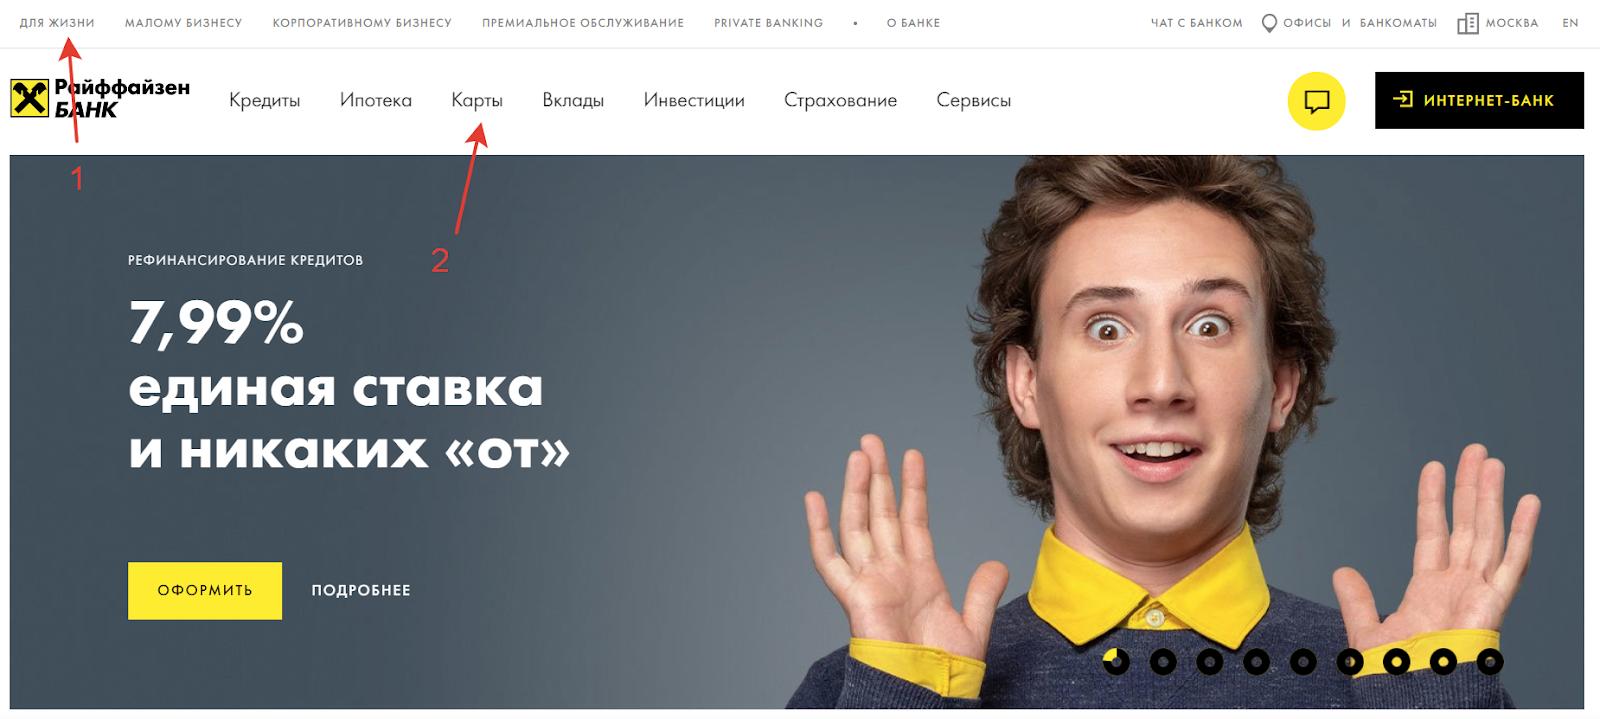 Перейти на официальный сайт банка.